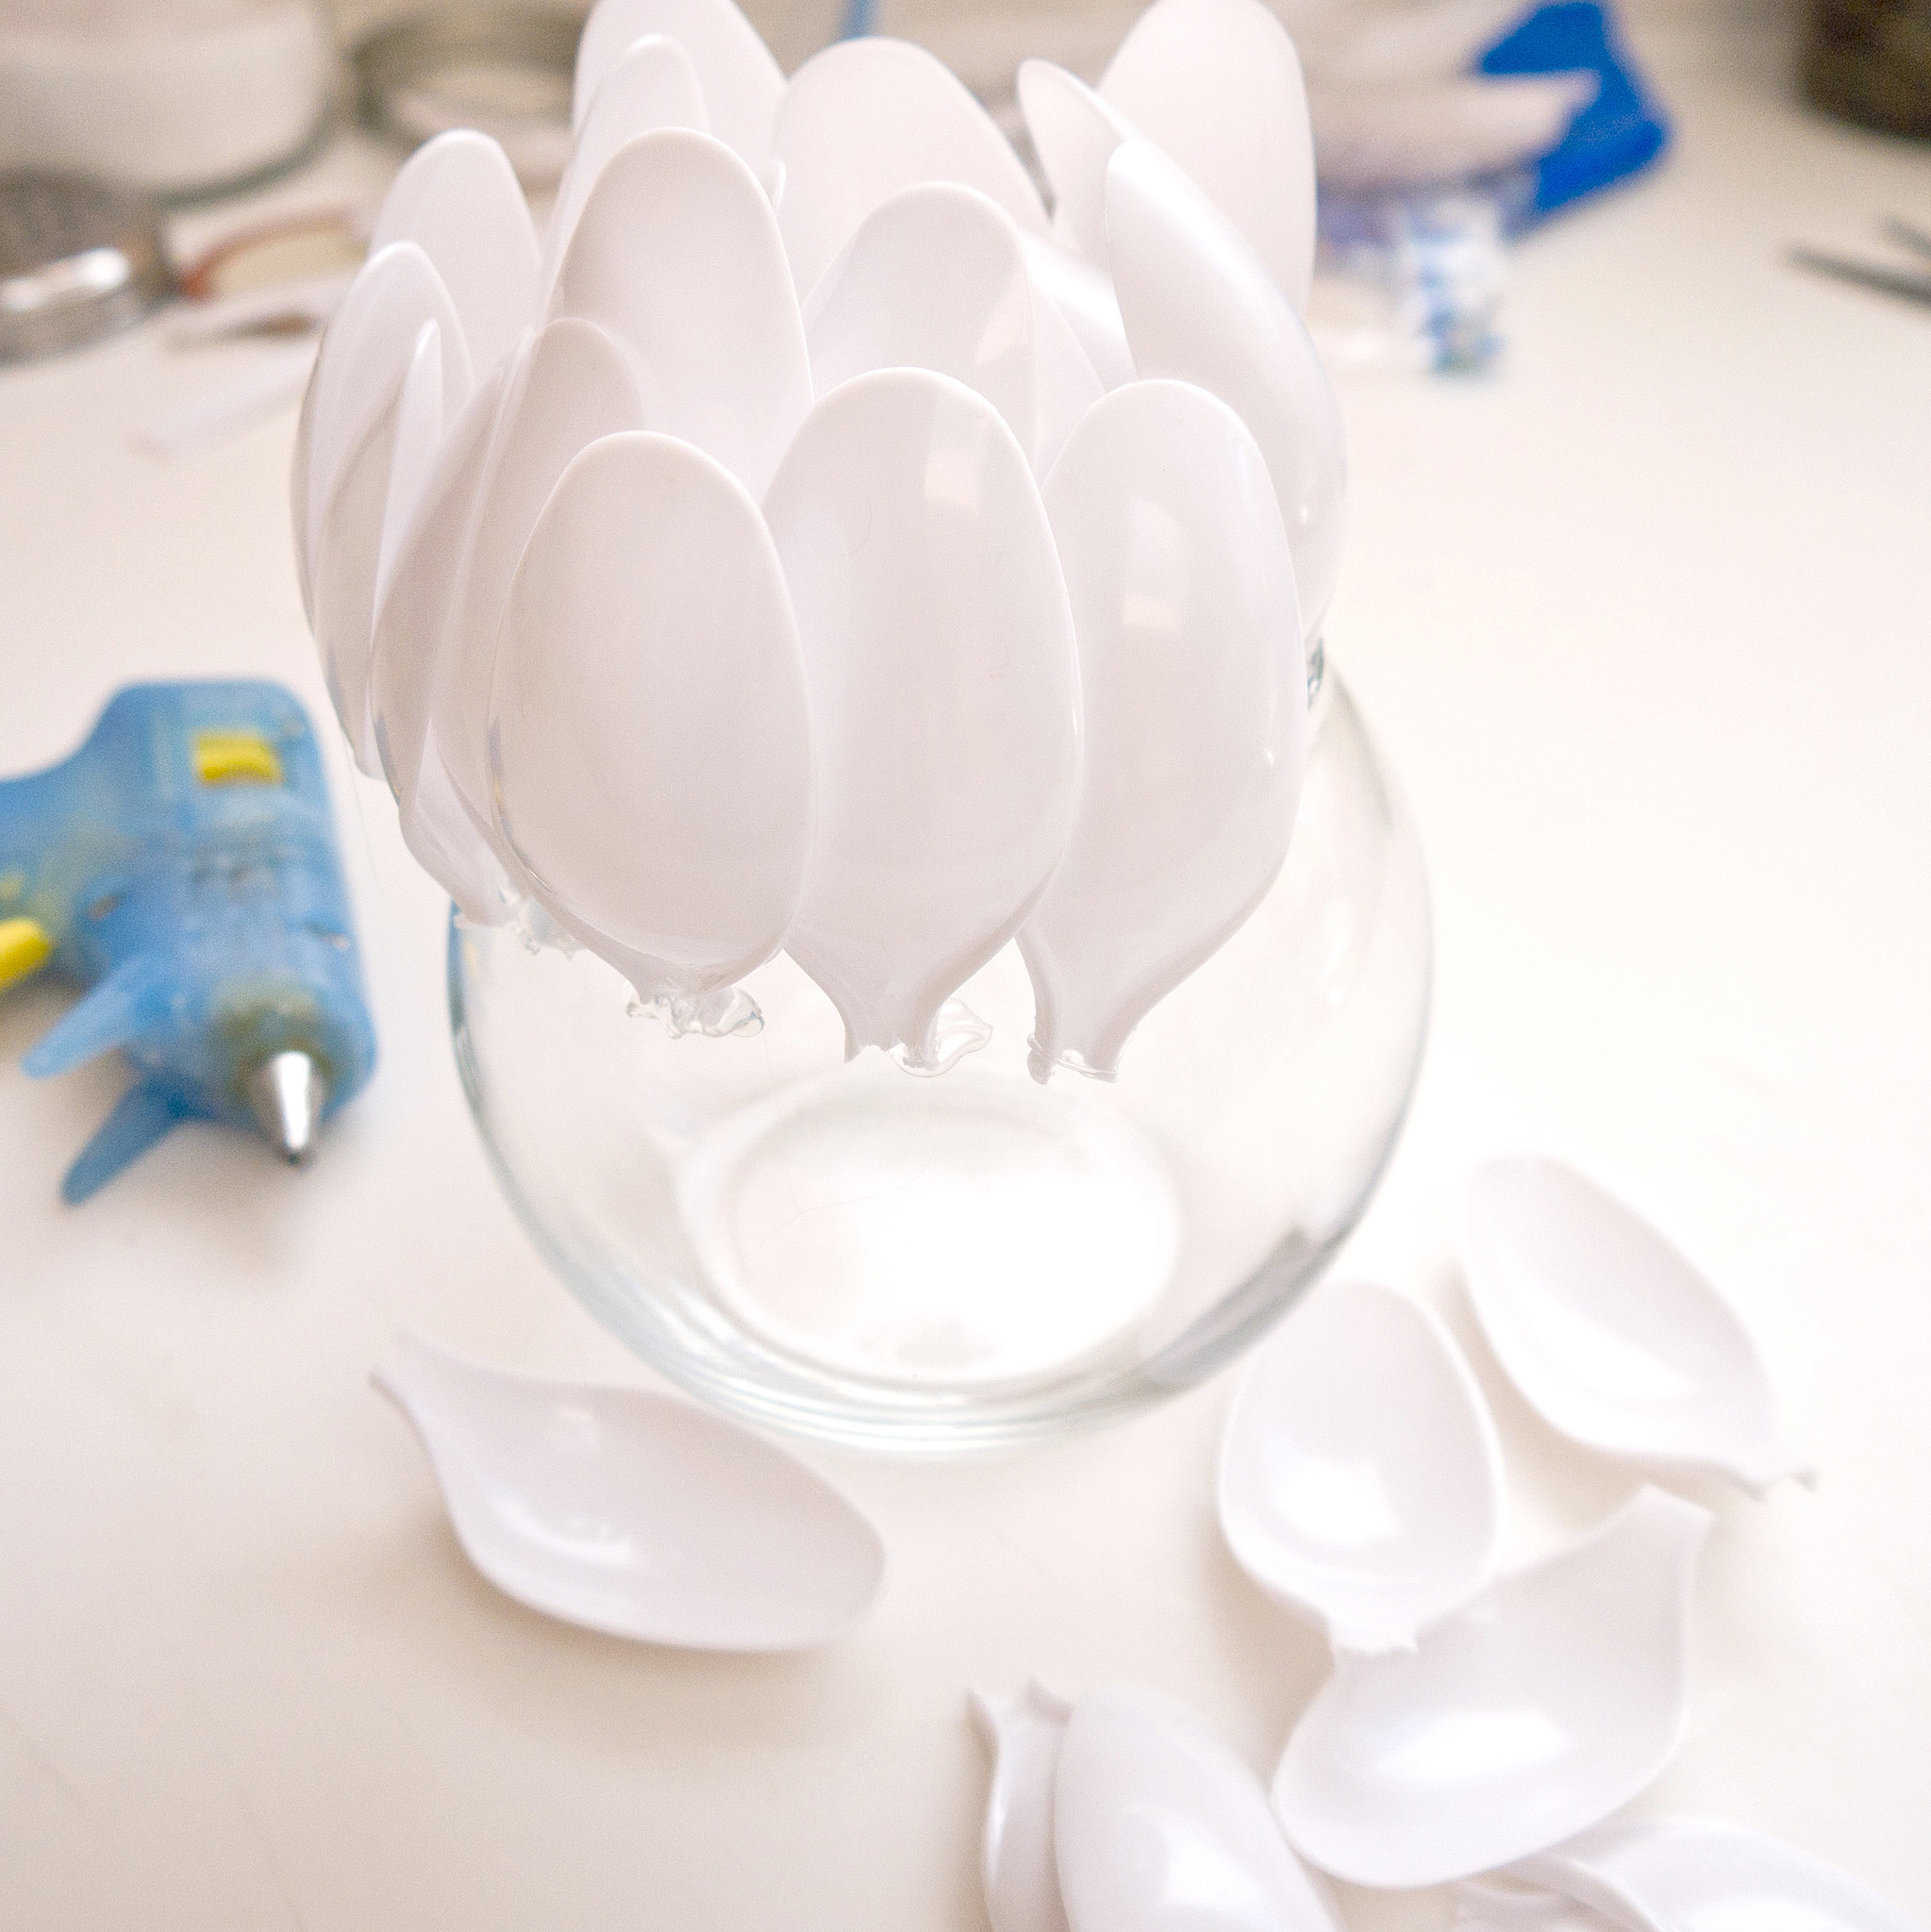 Diy Plastic Spoon Candle Holder Popsugar Smart Living